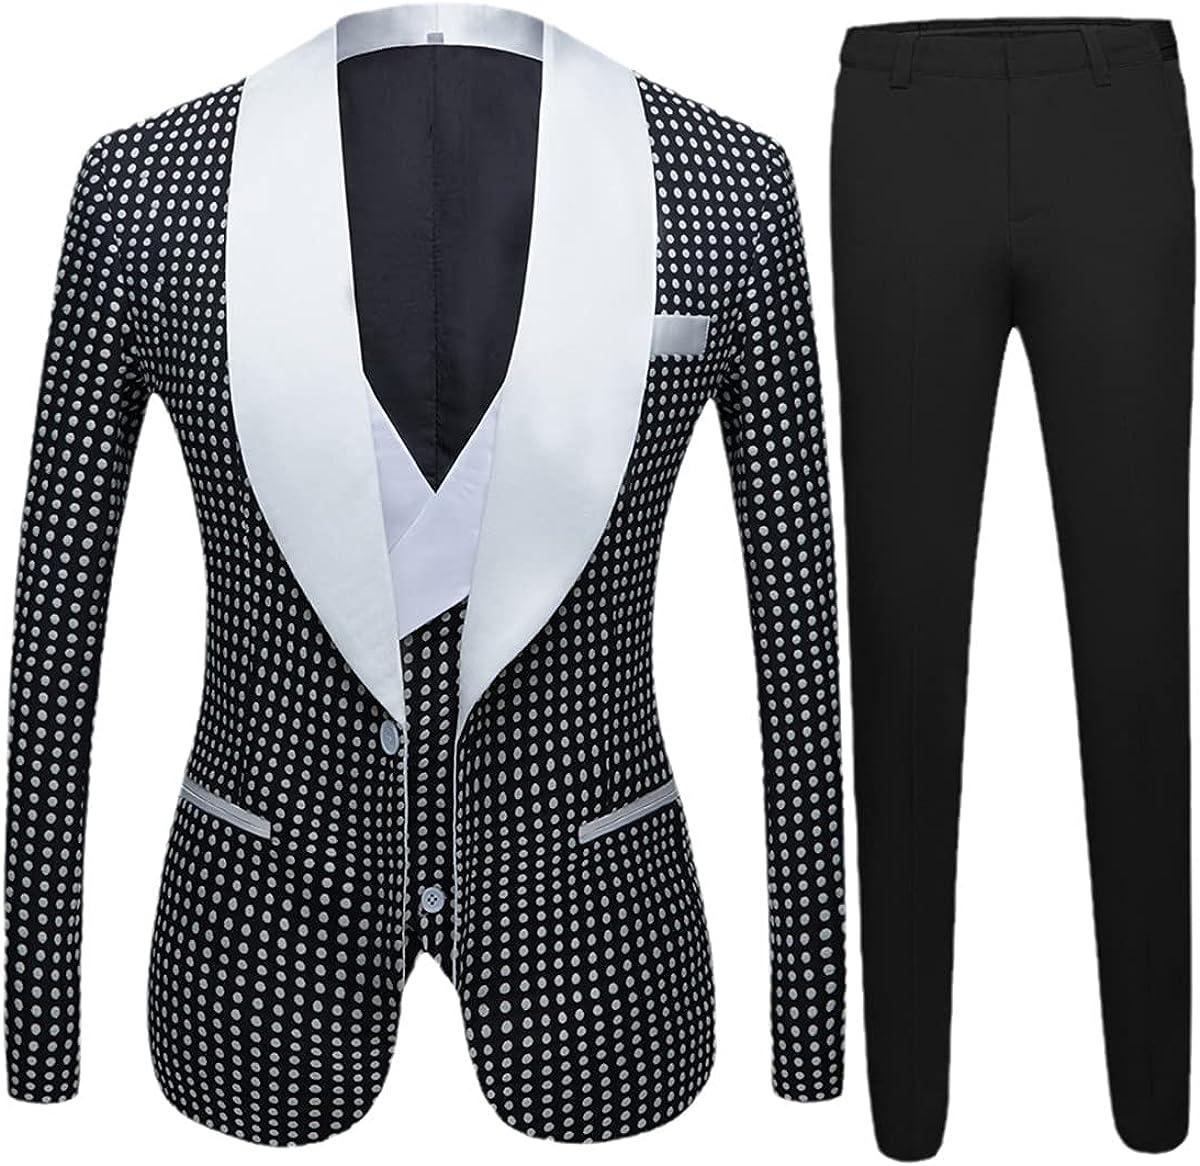 Men's Retro Three-Piece Suit Design Suit Groom Wedding Suit Nightclub Singer Prom Party